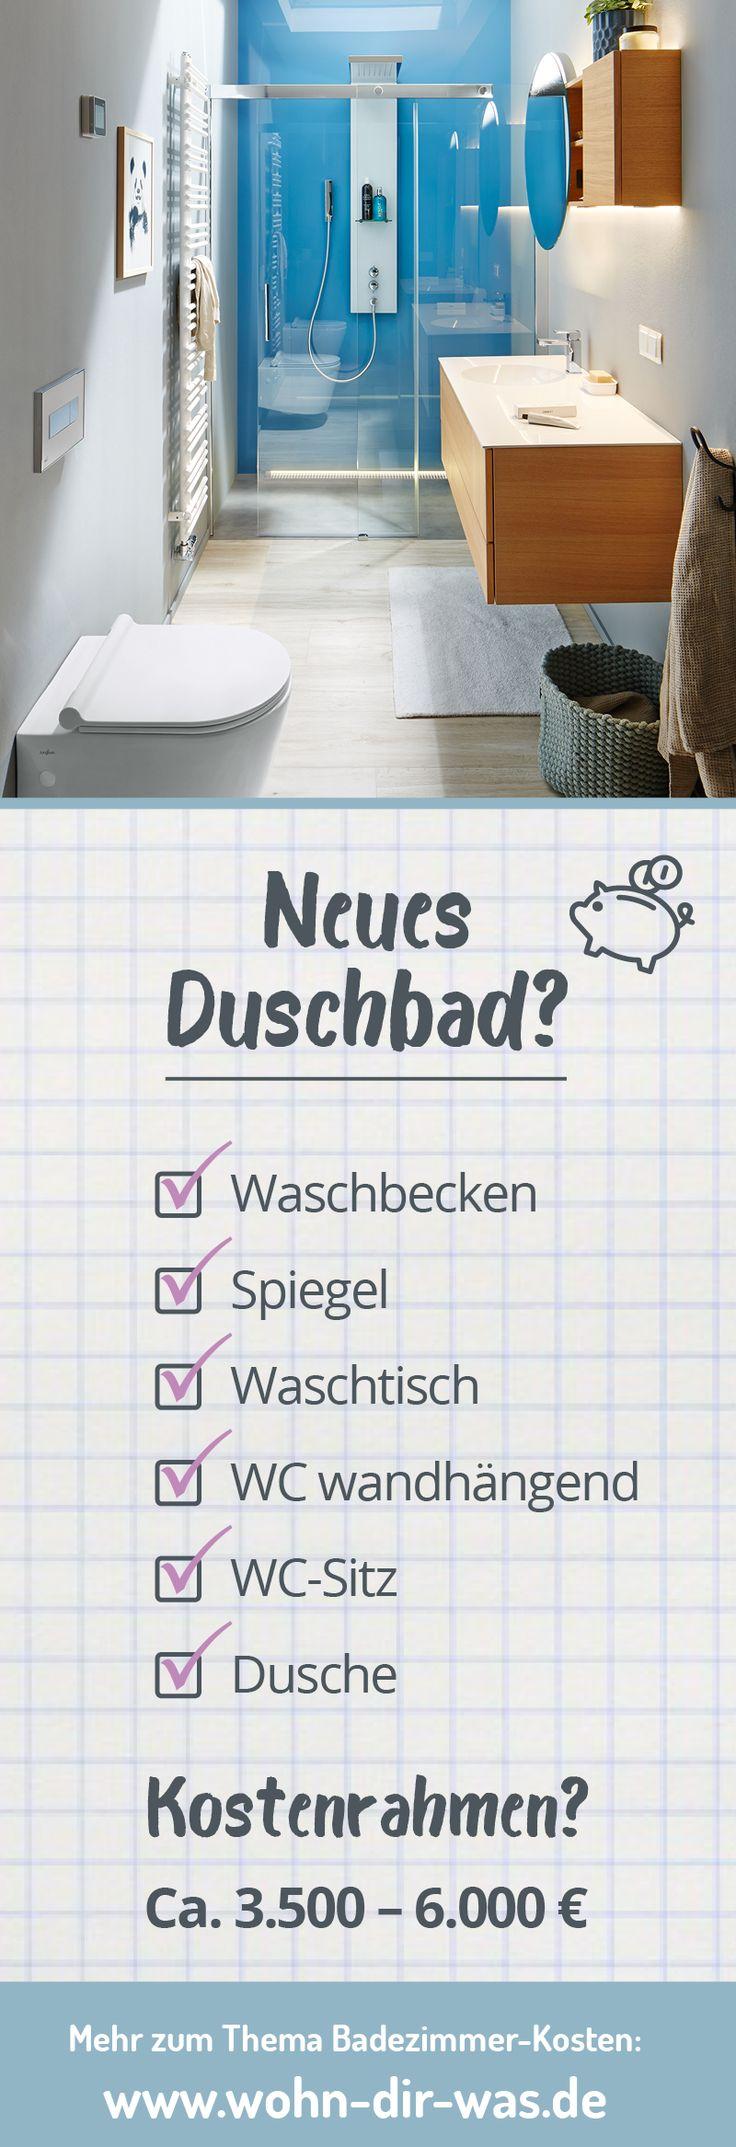 Badezimmer Checkliste - Design